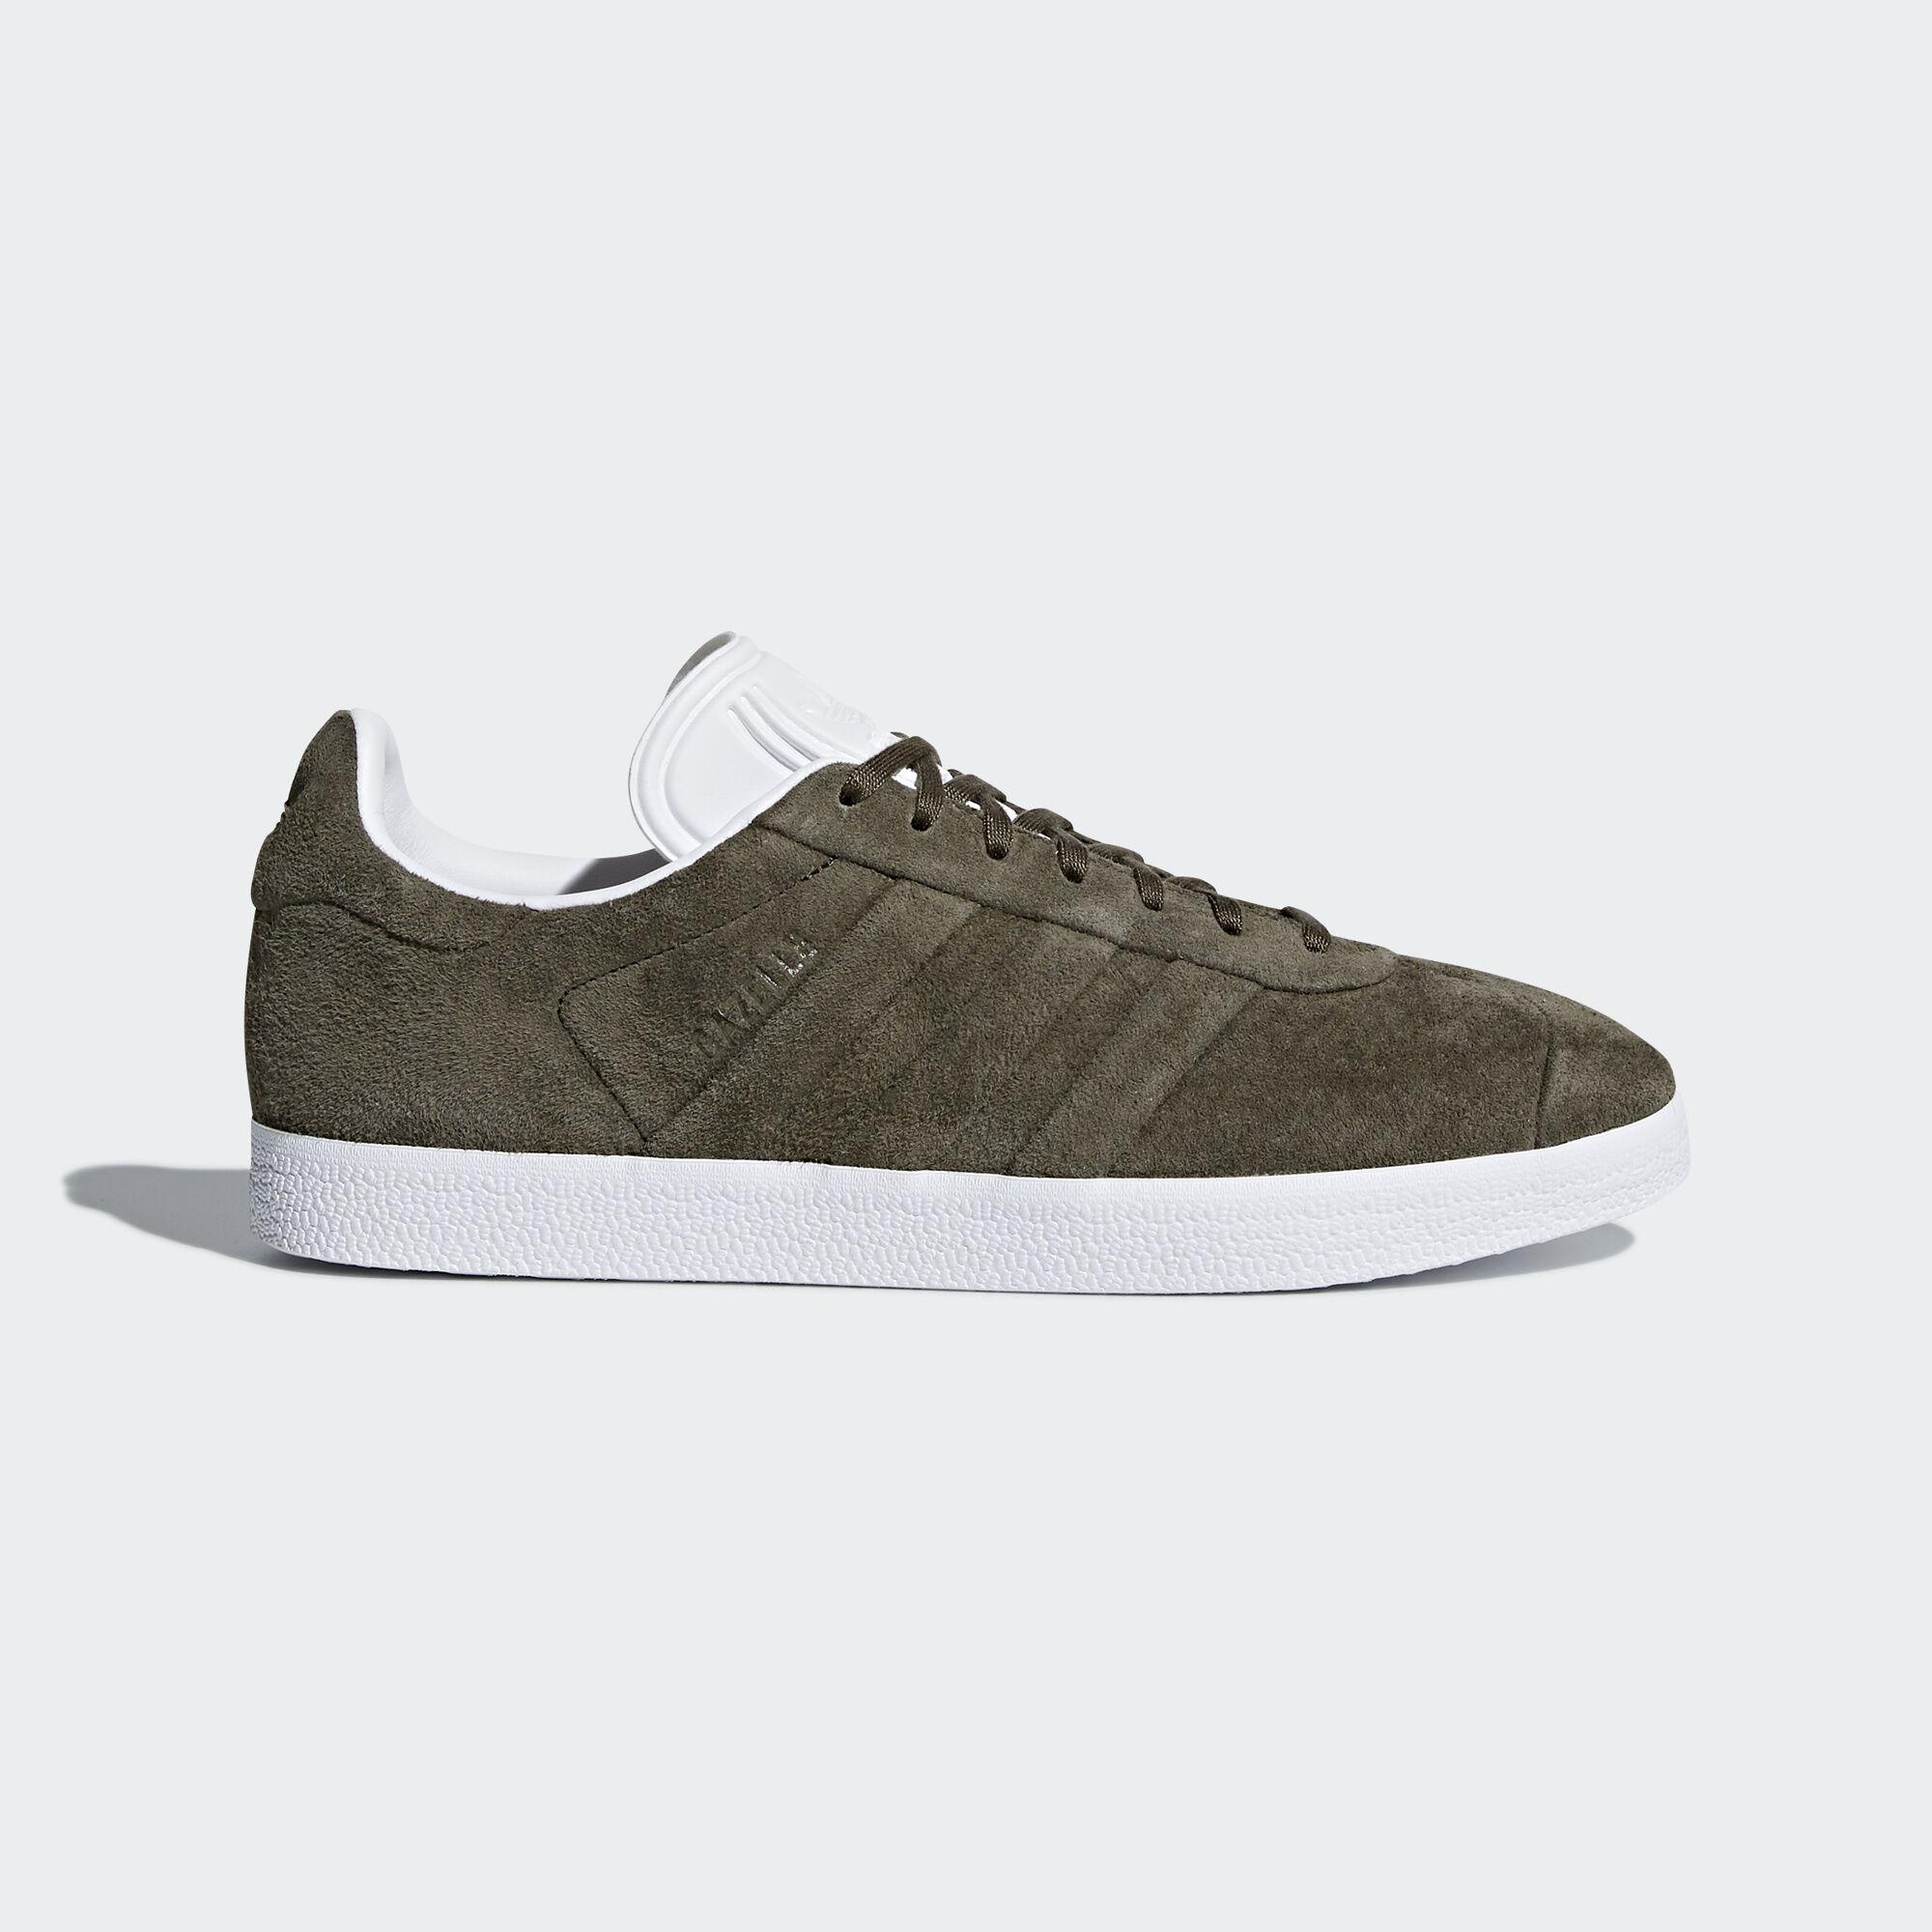 Salida de descuento Adidas Zapatilla Gazelle Stitch and Turn Barato Venta Free Shipping Suministro a la venta UQbAS0RcSo